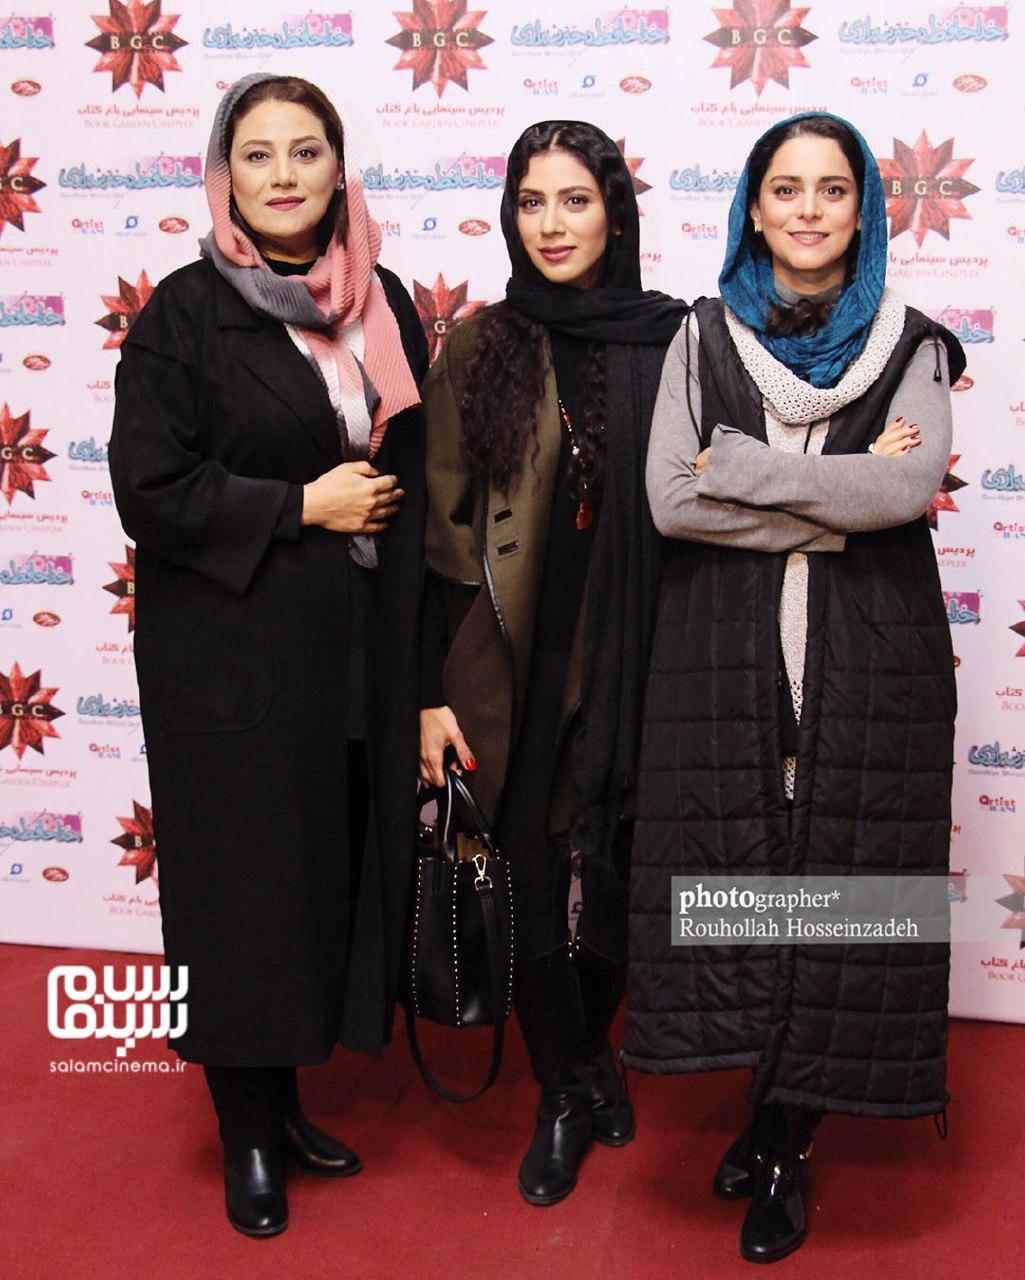 غزل شاکری - مونا فجاد - شبنم مقدمی- اکران خصوصی فیلم «خداحافظ دختر شیرازی»-گزارش تصویری